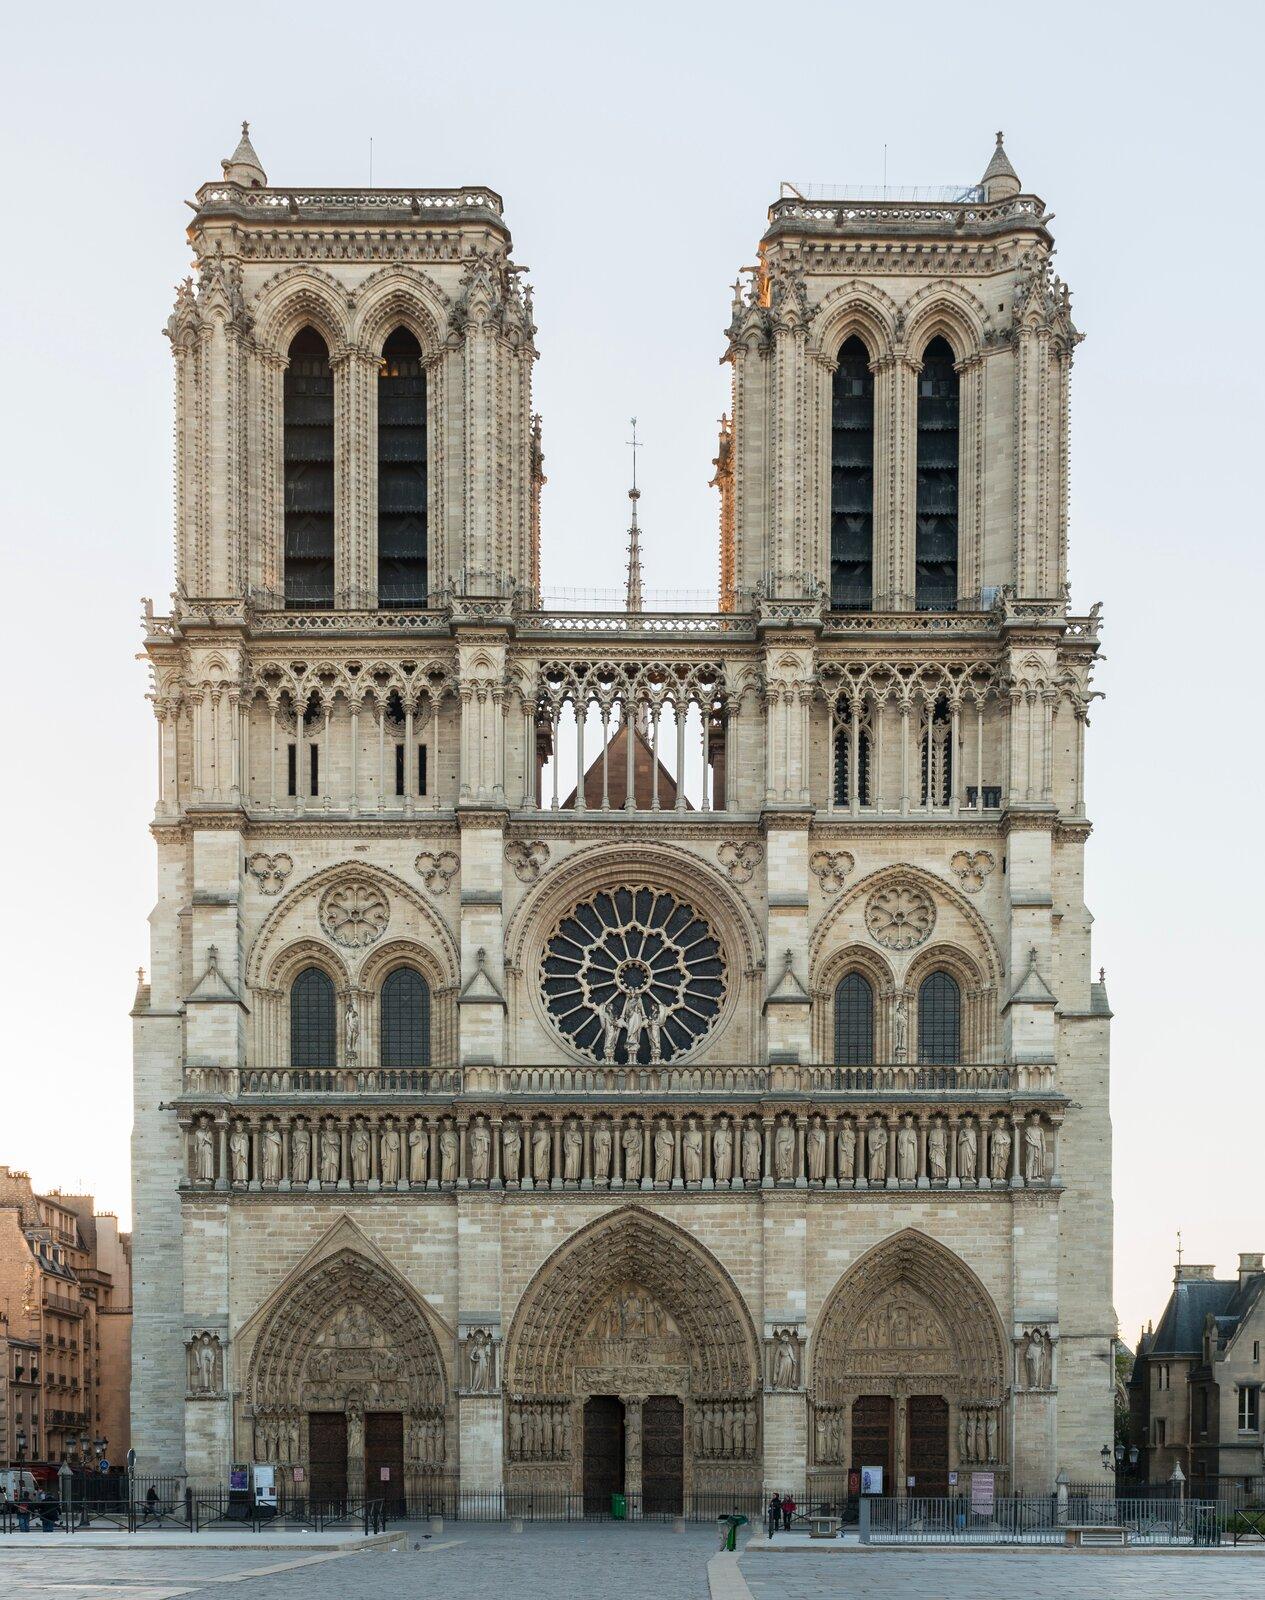 Ilustracja przedstawia Katedrę Notre-Dame wParyżu. Budowla jest strzelista. Symetryczna budowla przedstawiona jest od frontu. Posiada trzy portale wejściowe. Nad środkowym znajduje się rozeta, po której bokach usytuowane są podwójne okna wniszach. Bryłę wieńczą dwie wieże, znajdujące się nad portalami bocznymi.